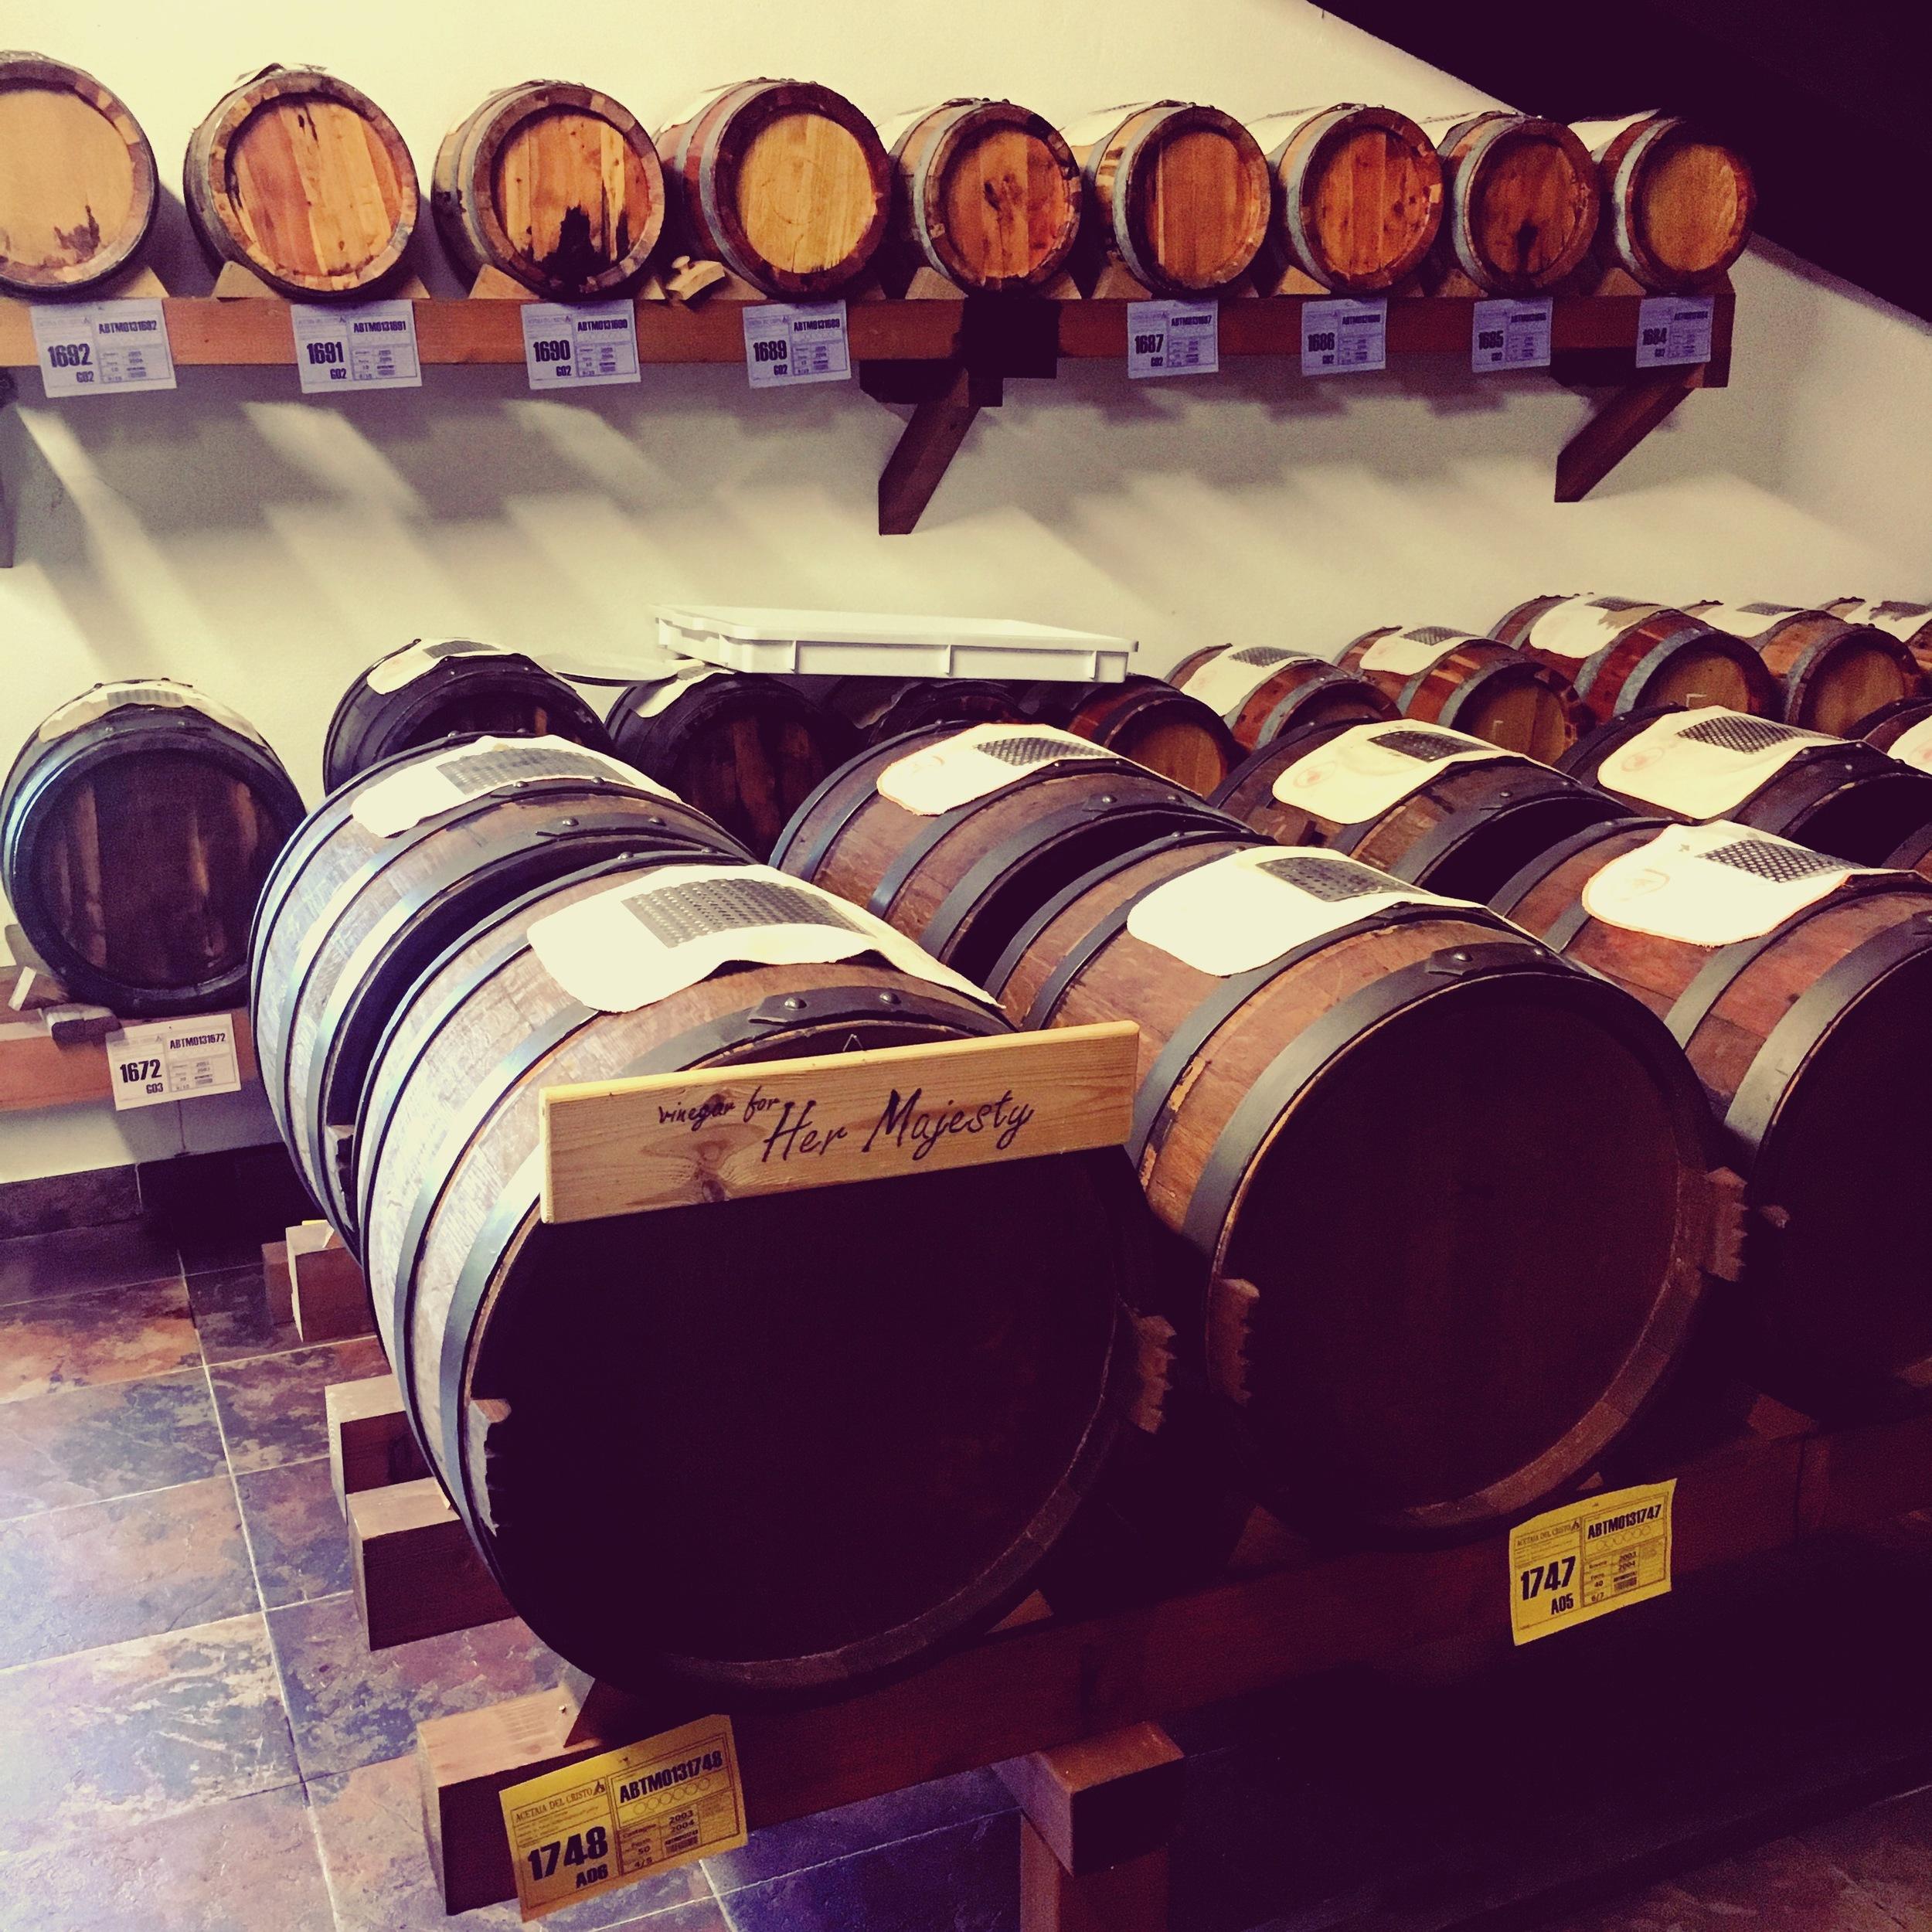 Barrels of vinegar reserved for Her Majesty